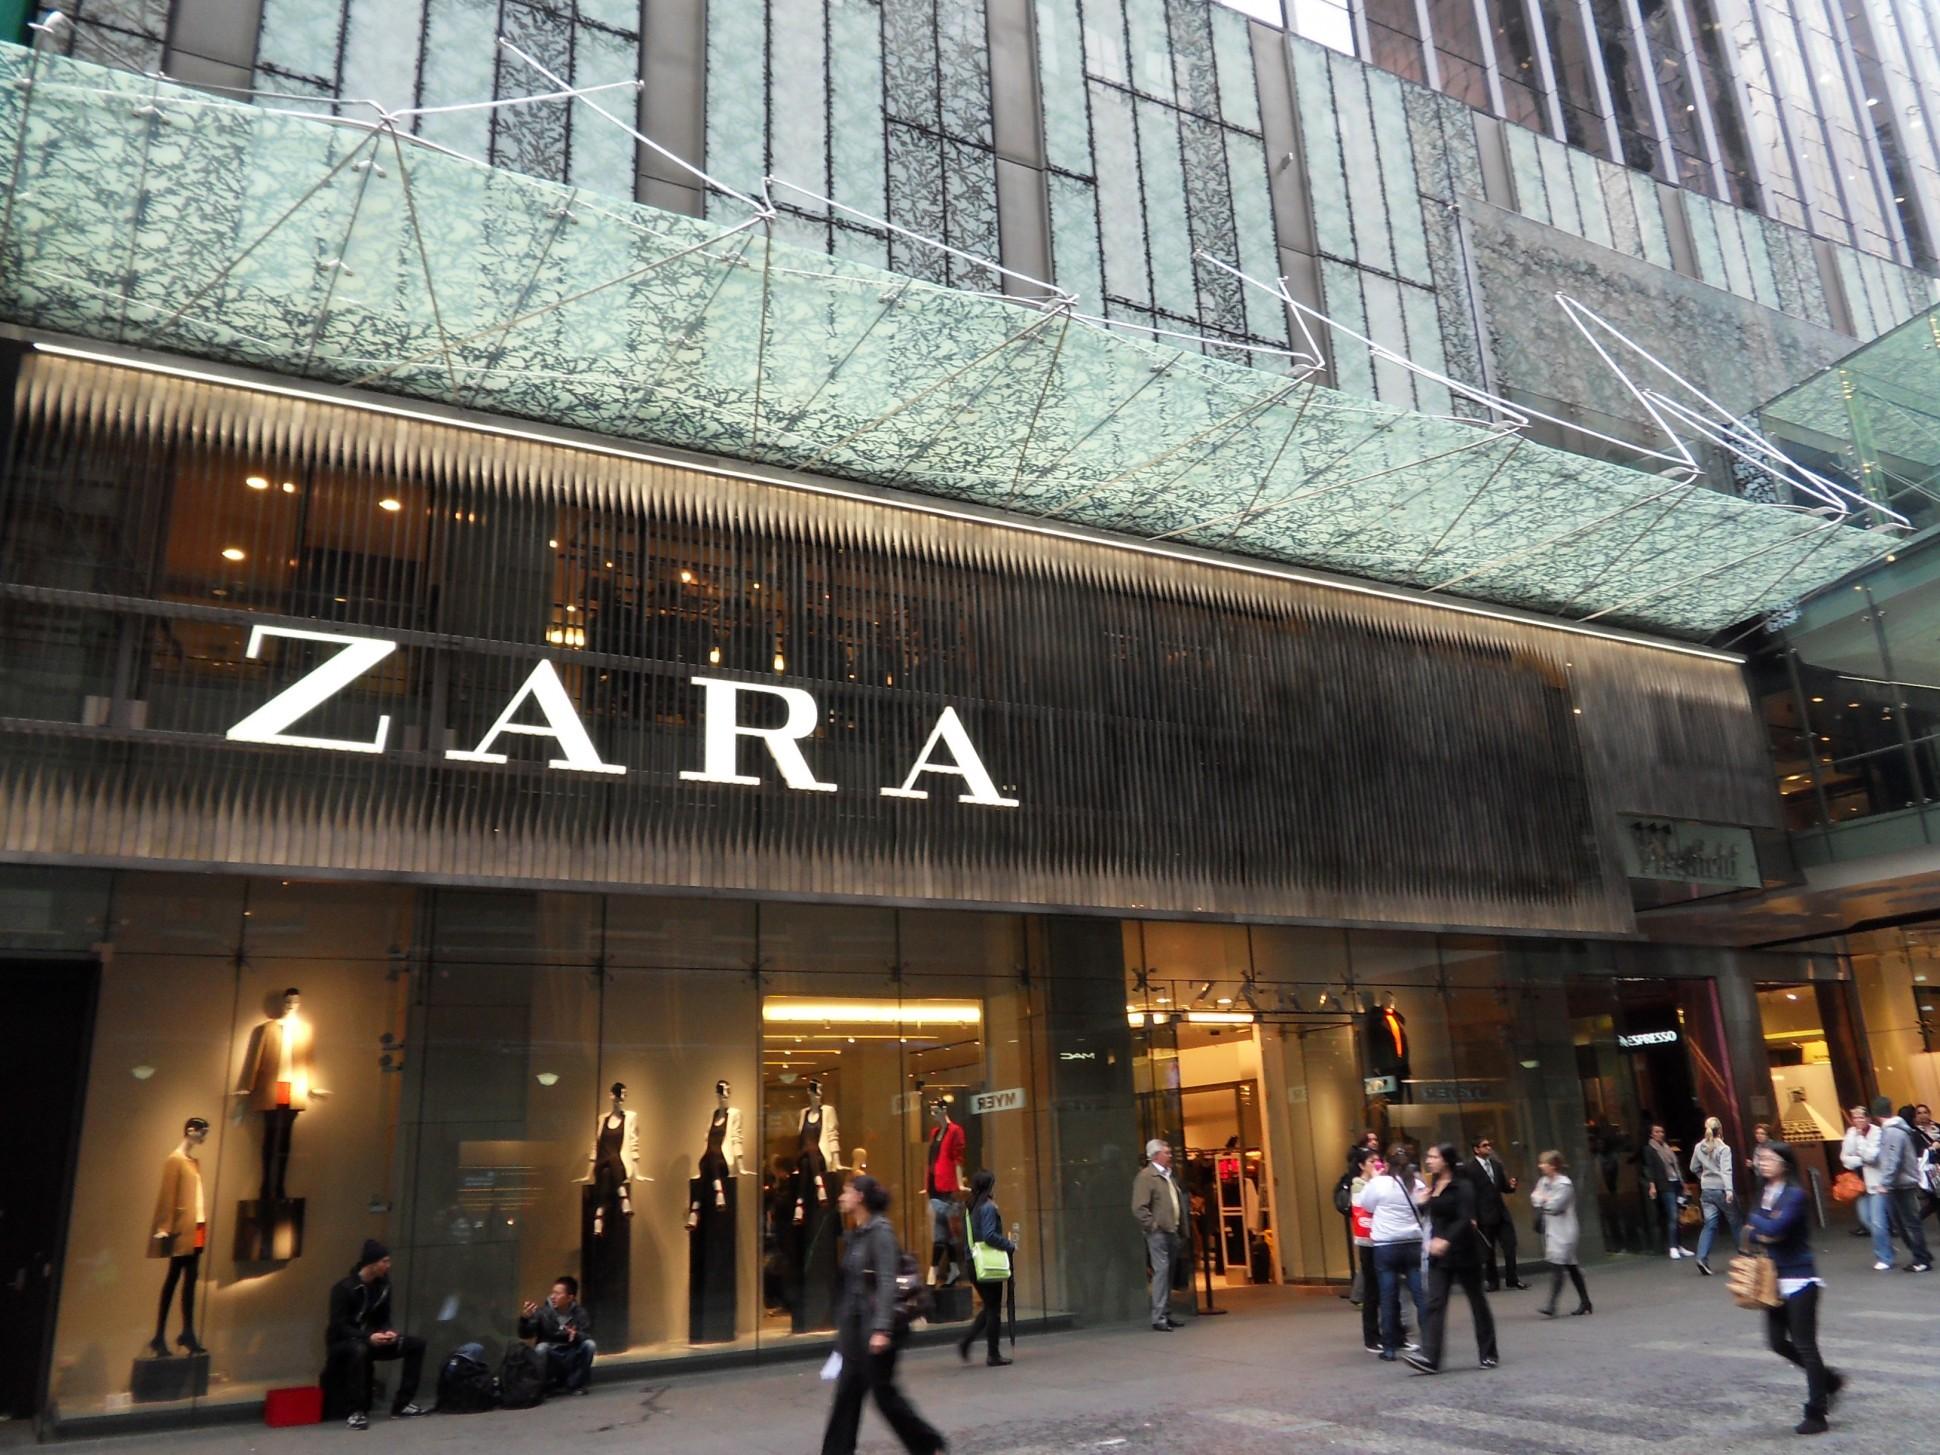 Zara_Store_Sydney-e1434999321173-1940x1455